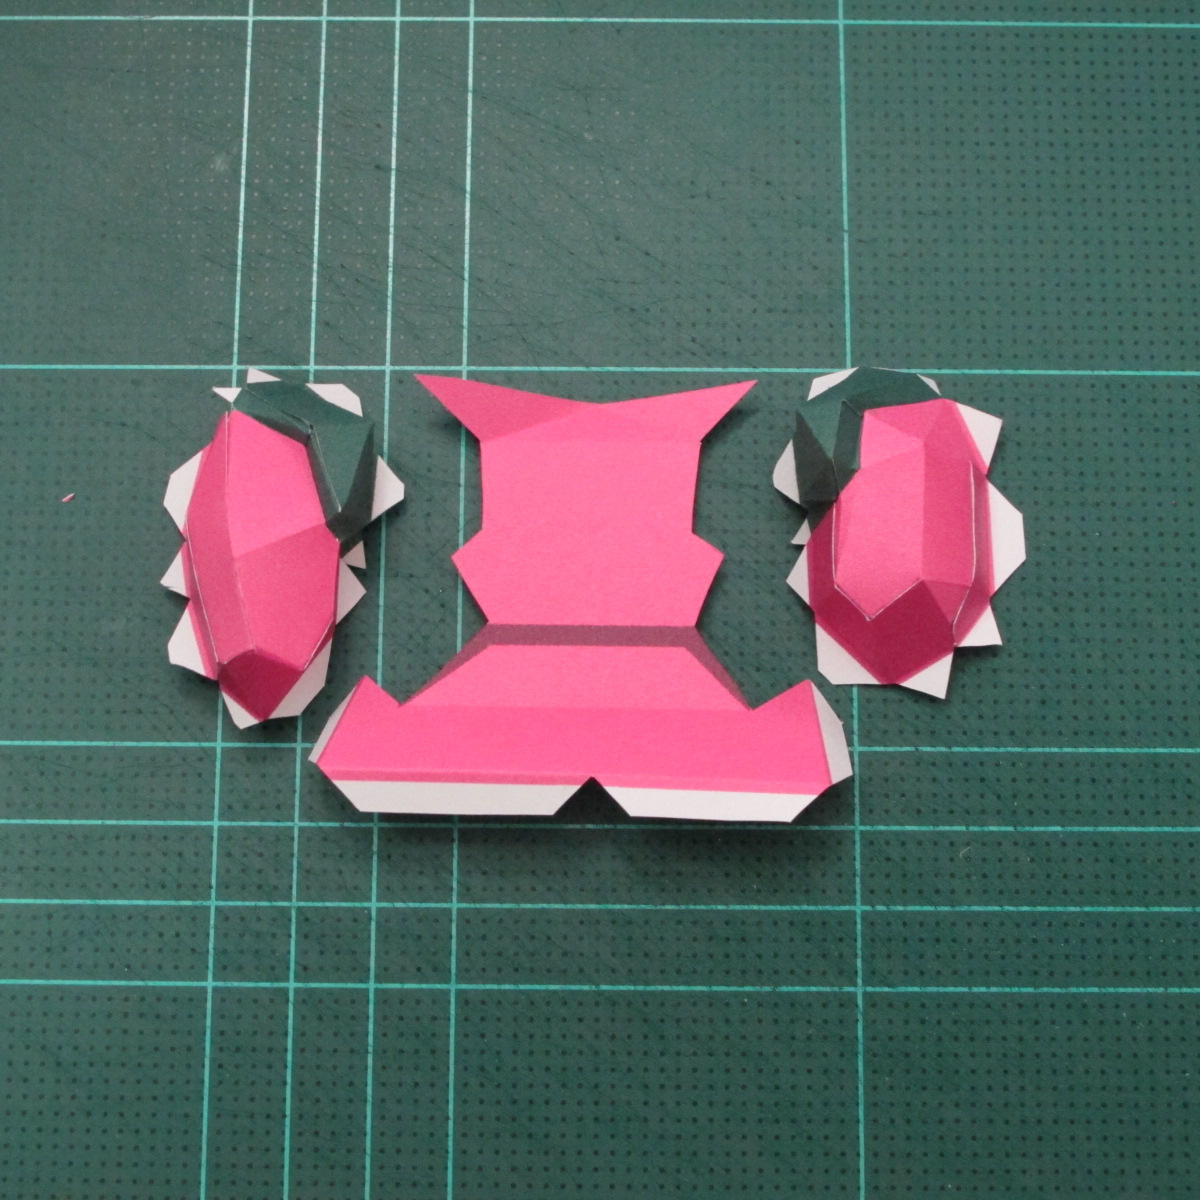 วิธีทำโมเดลกระดาษตุ้กตาคุกกี้รัน คุกกี้รสสตอเบอรี่ (LINE Cookie Run Strawberry Cookie Papercraft Model) 012